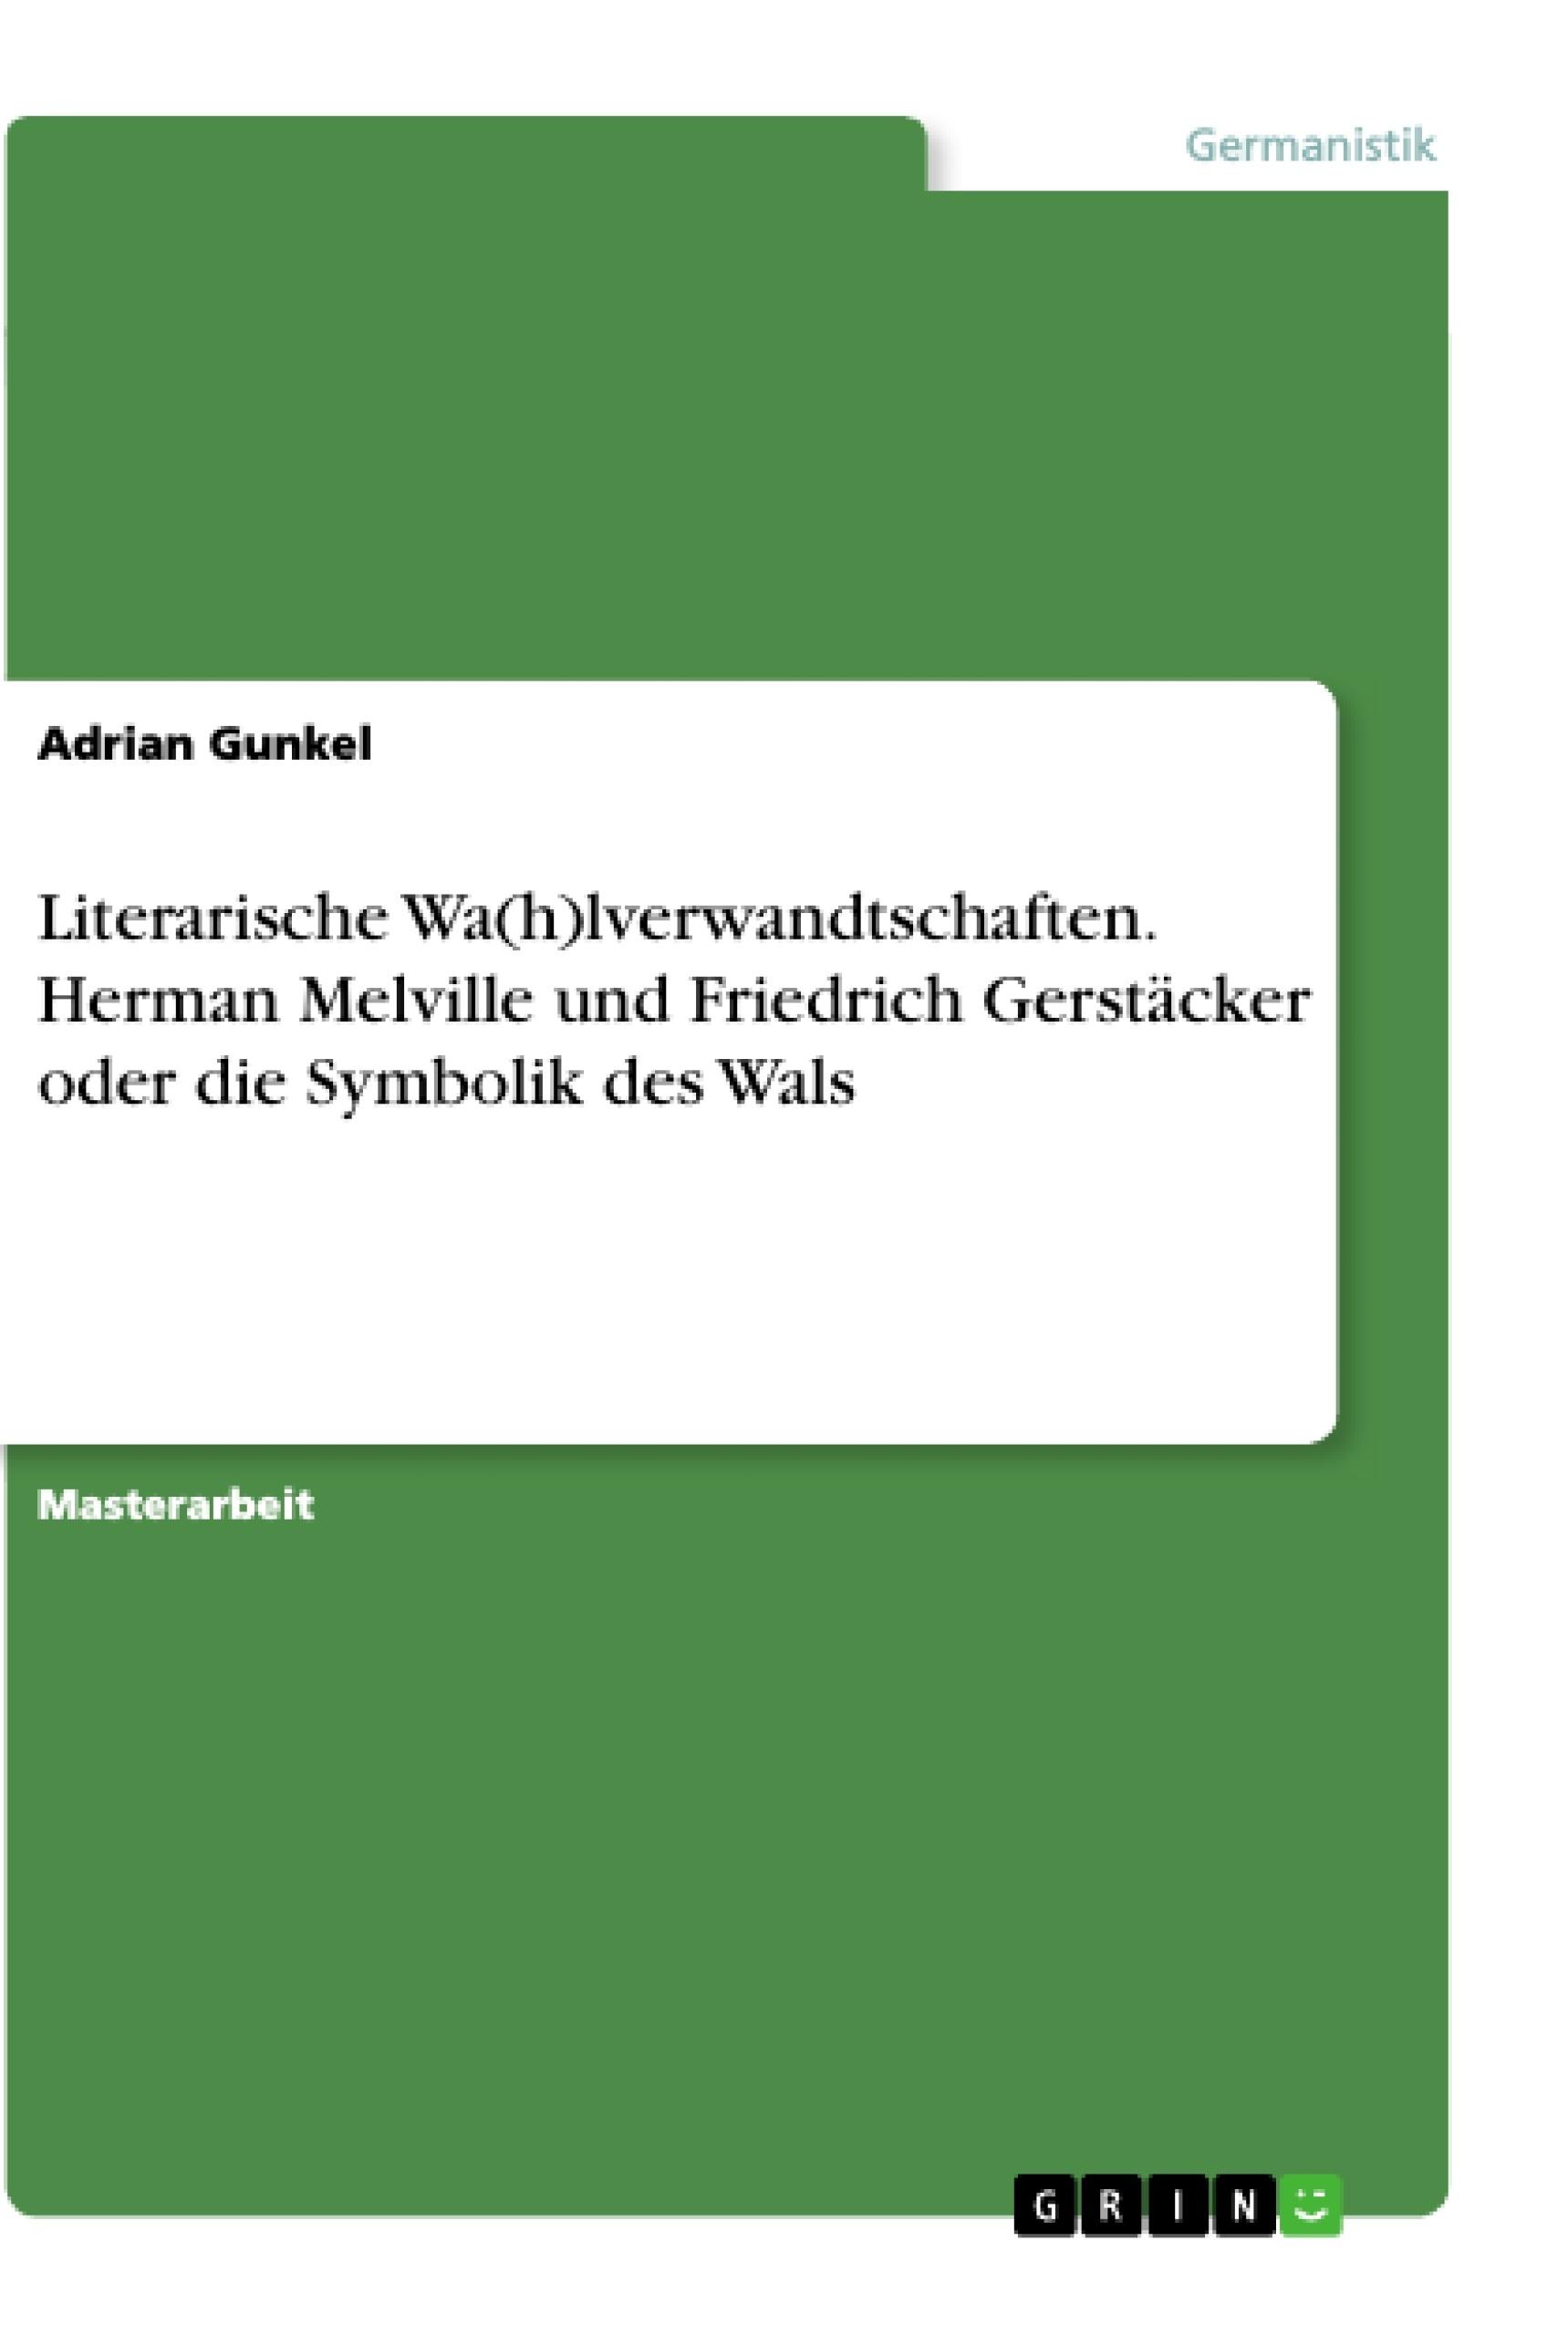 Titel: Literarische Wa(h)lverwandtschaften. Herman Melville und Friedrich Gerstäcker oder die Symbolik des Wals